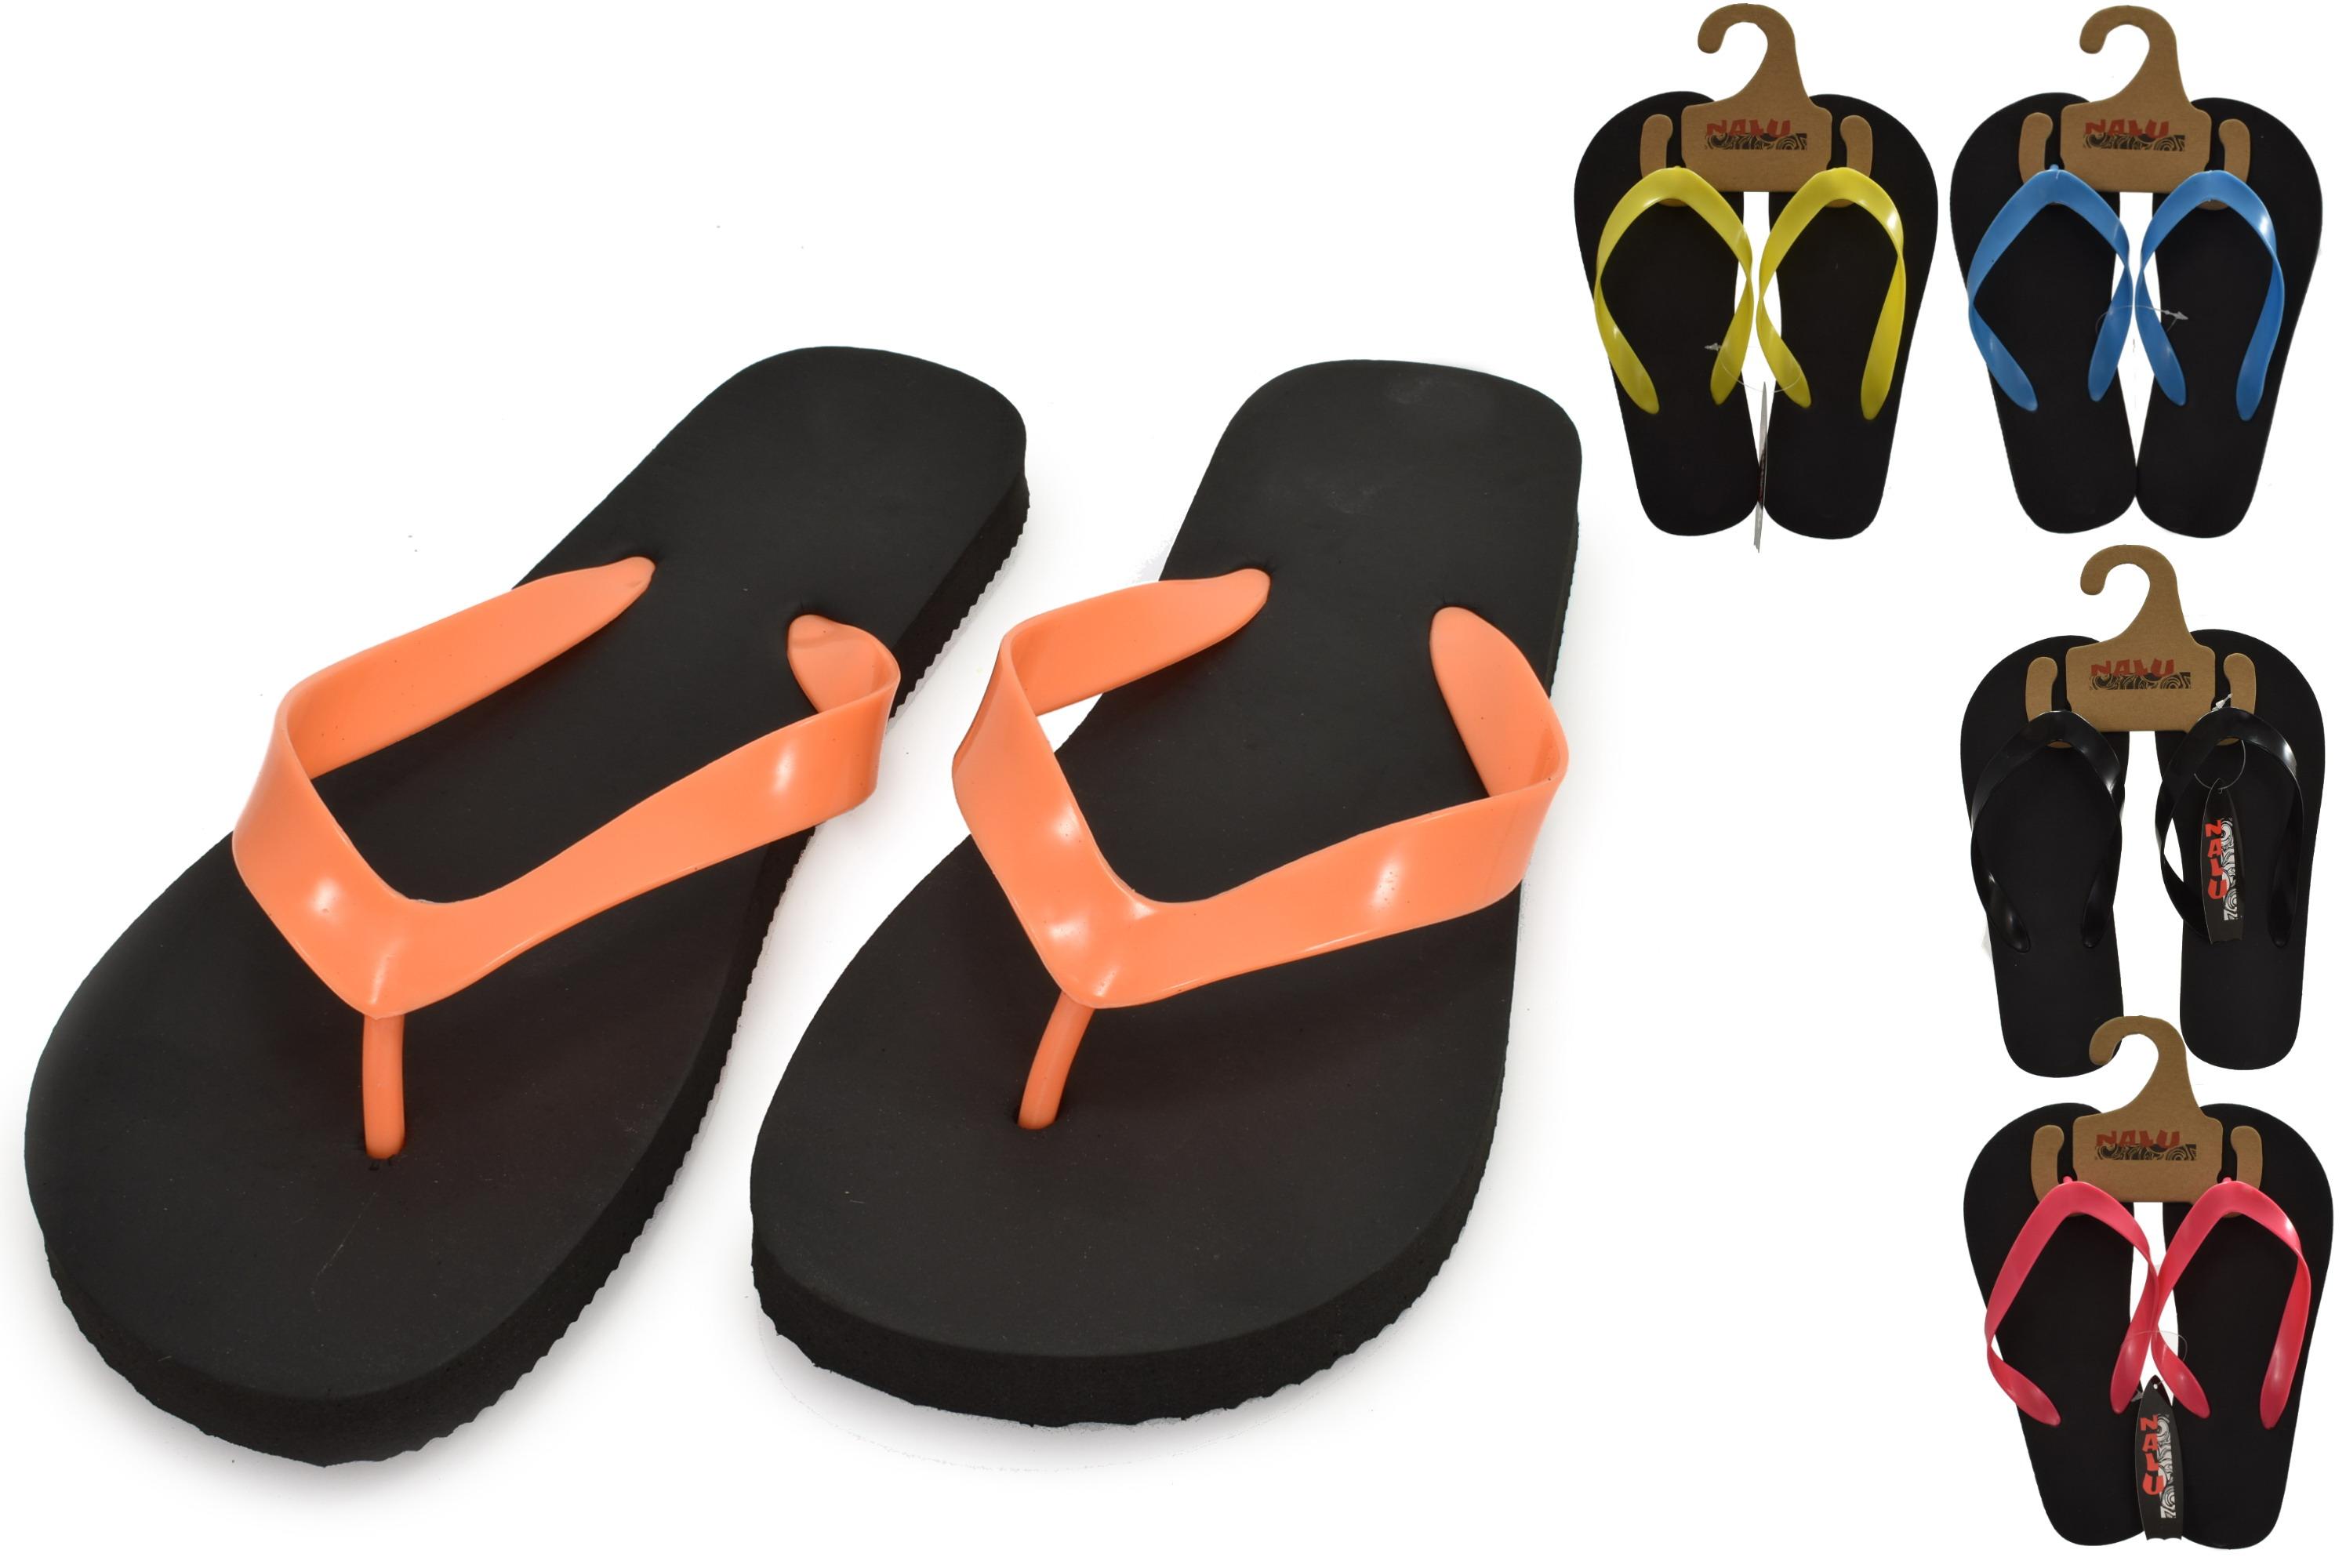 Flip Flop Childs Size 3 Plain Colour